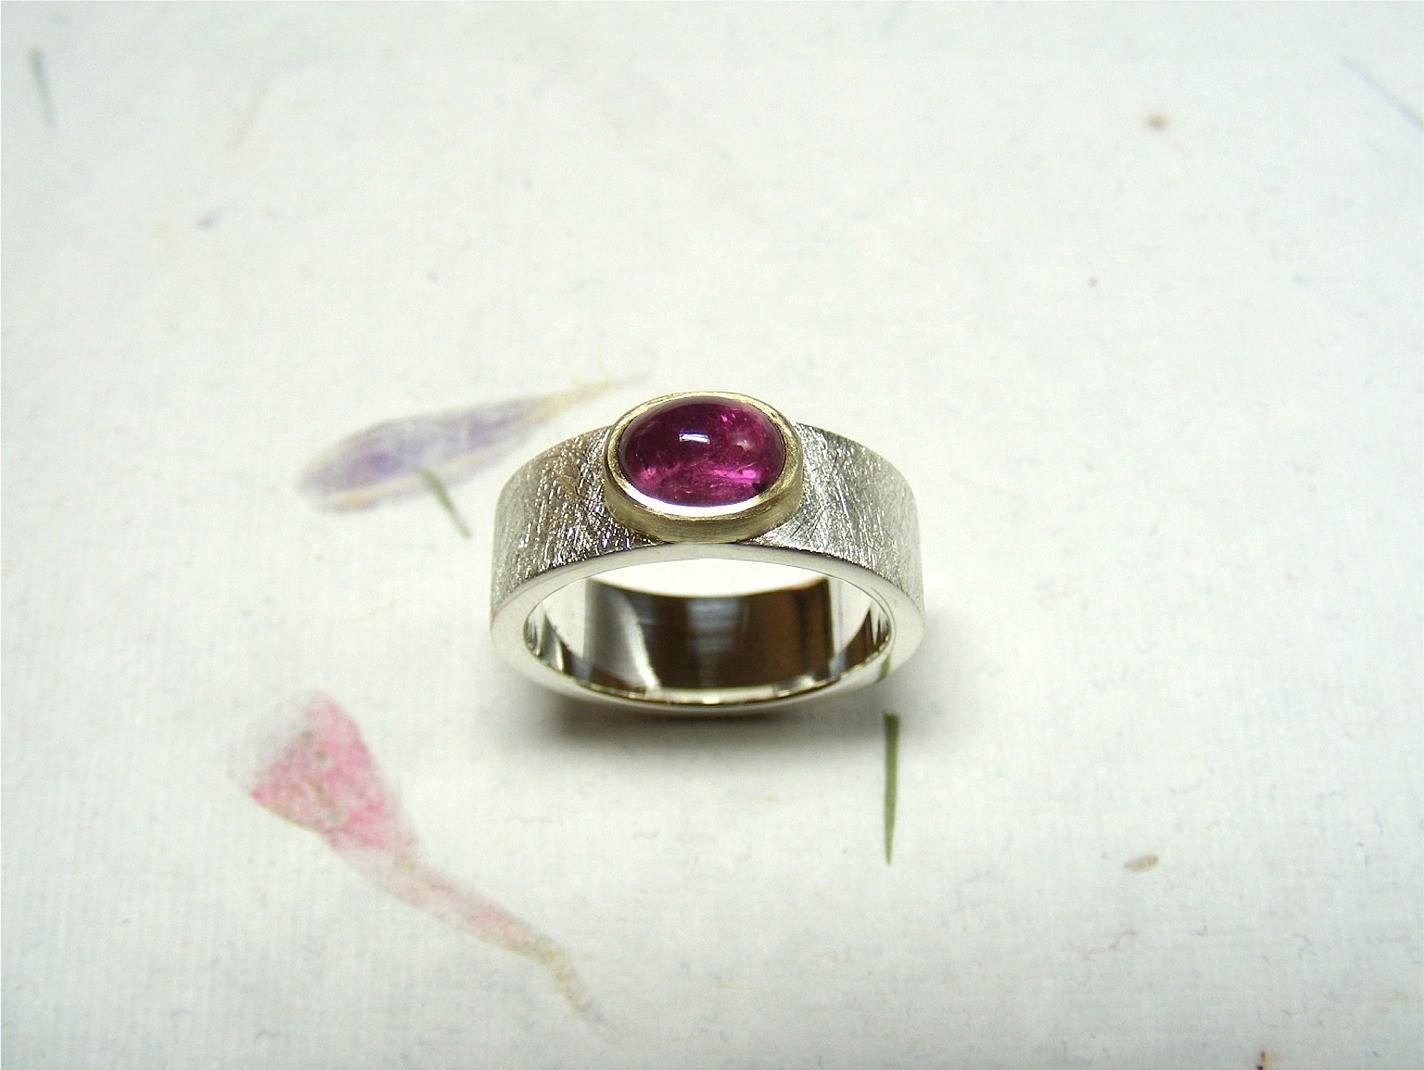 zilver, 14kt geelgoud en roze toermalijn